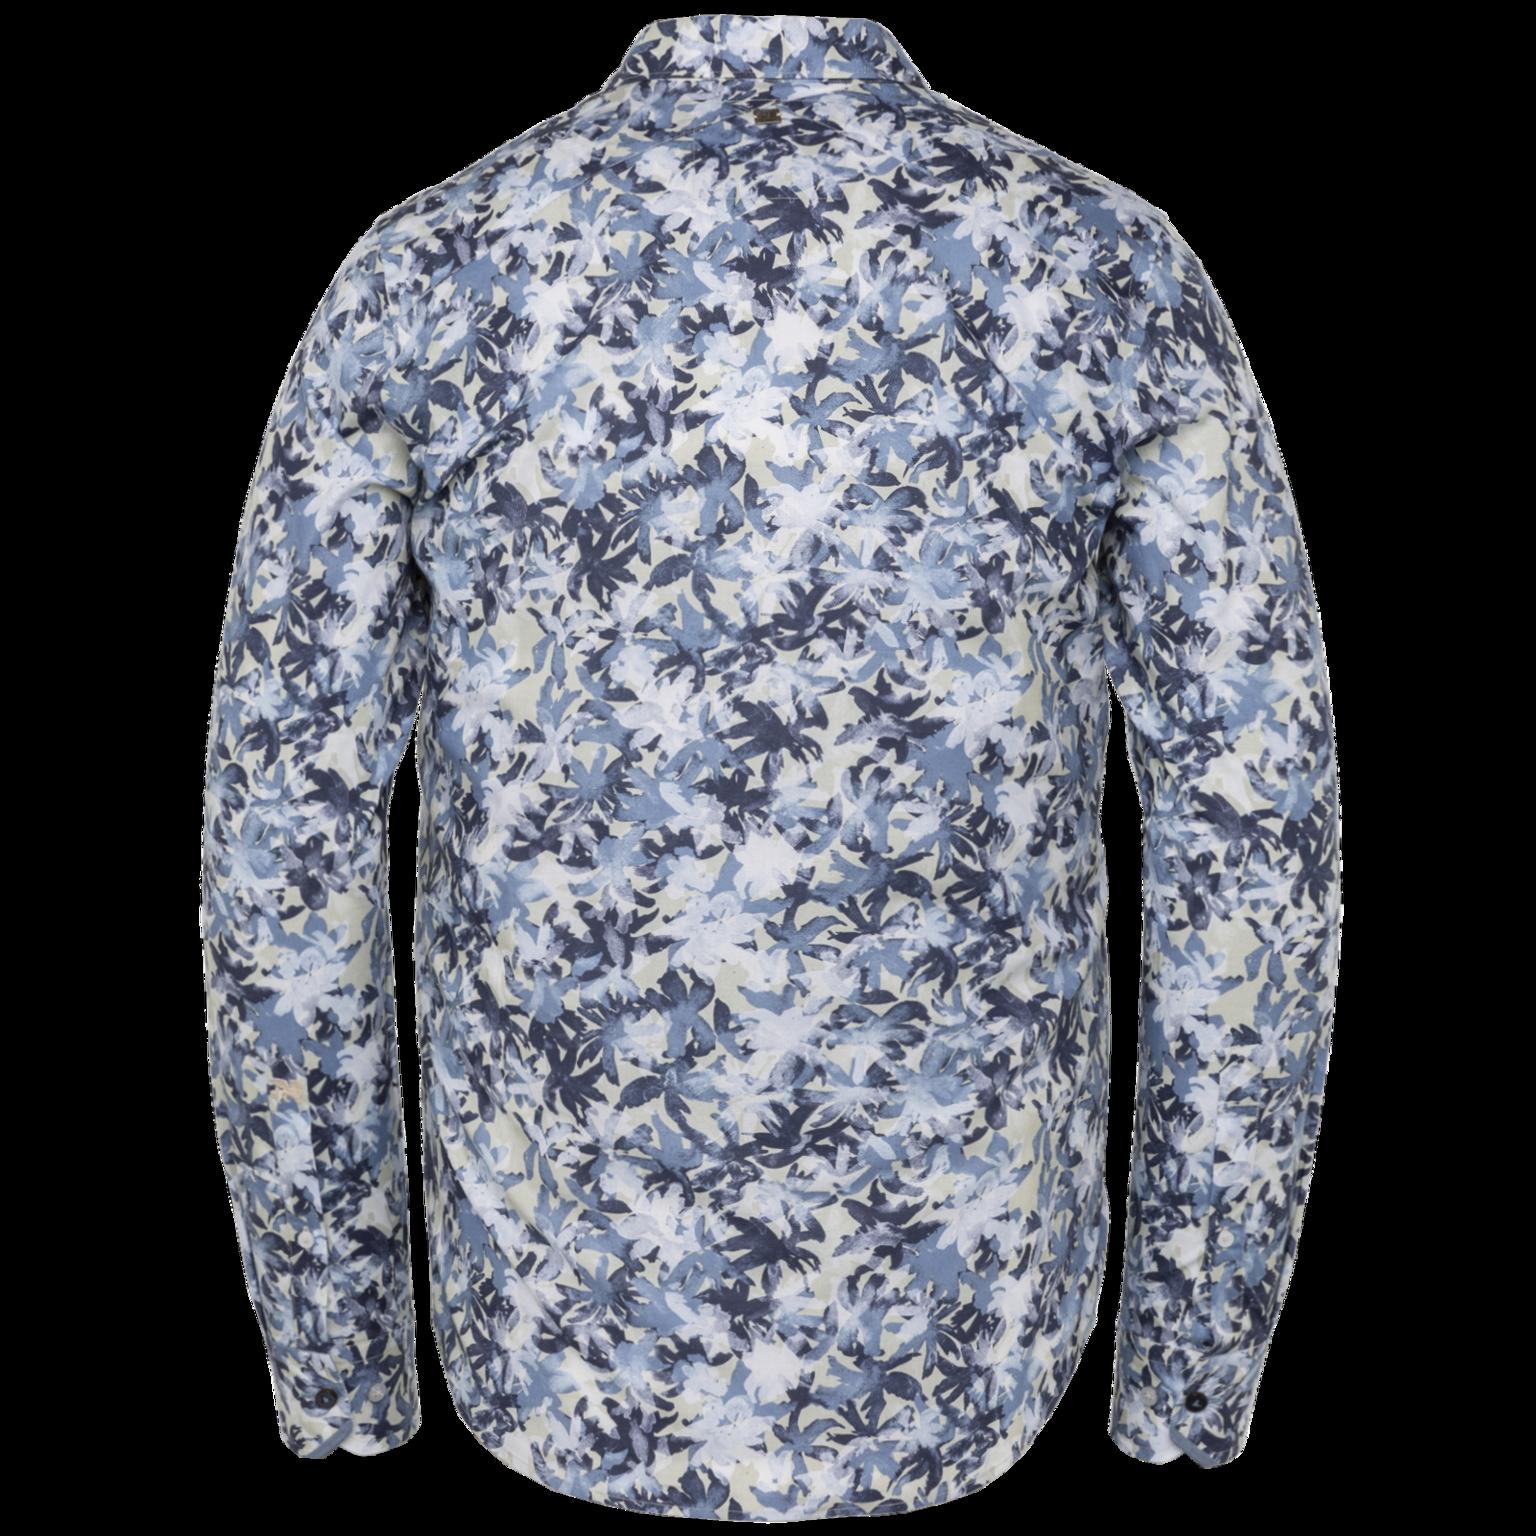 VANGUARD chemise longues manches motifs-2